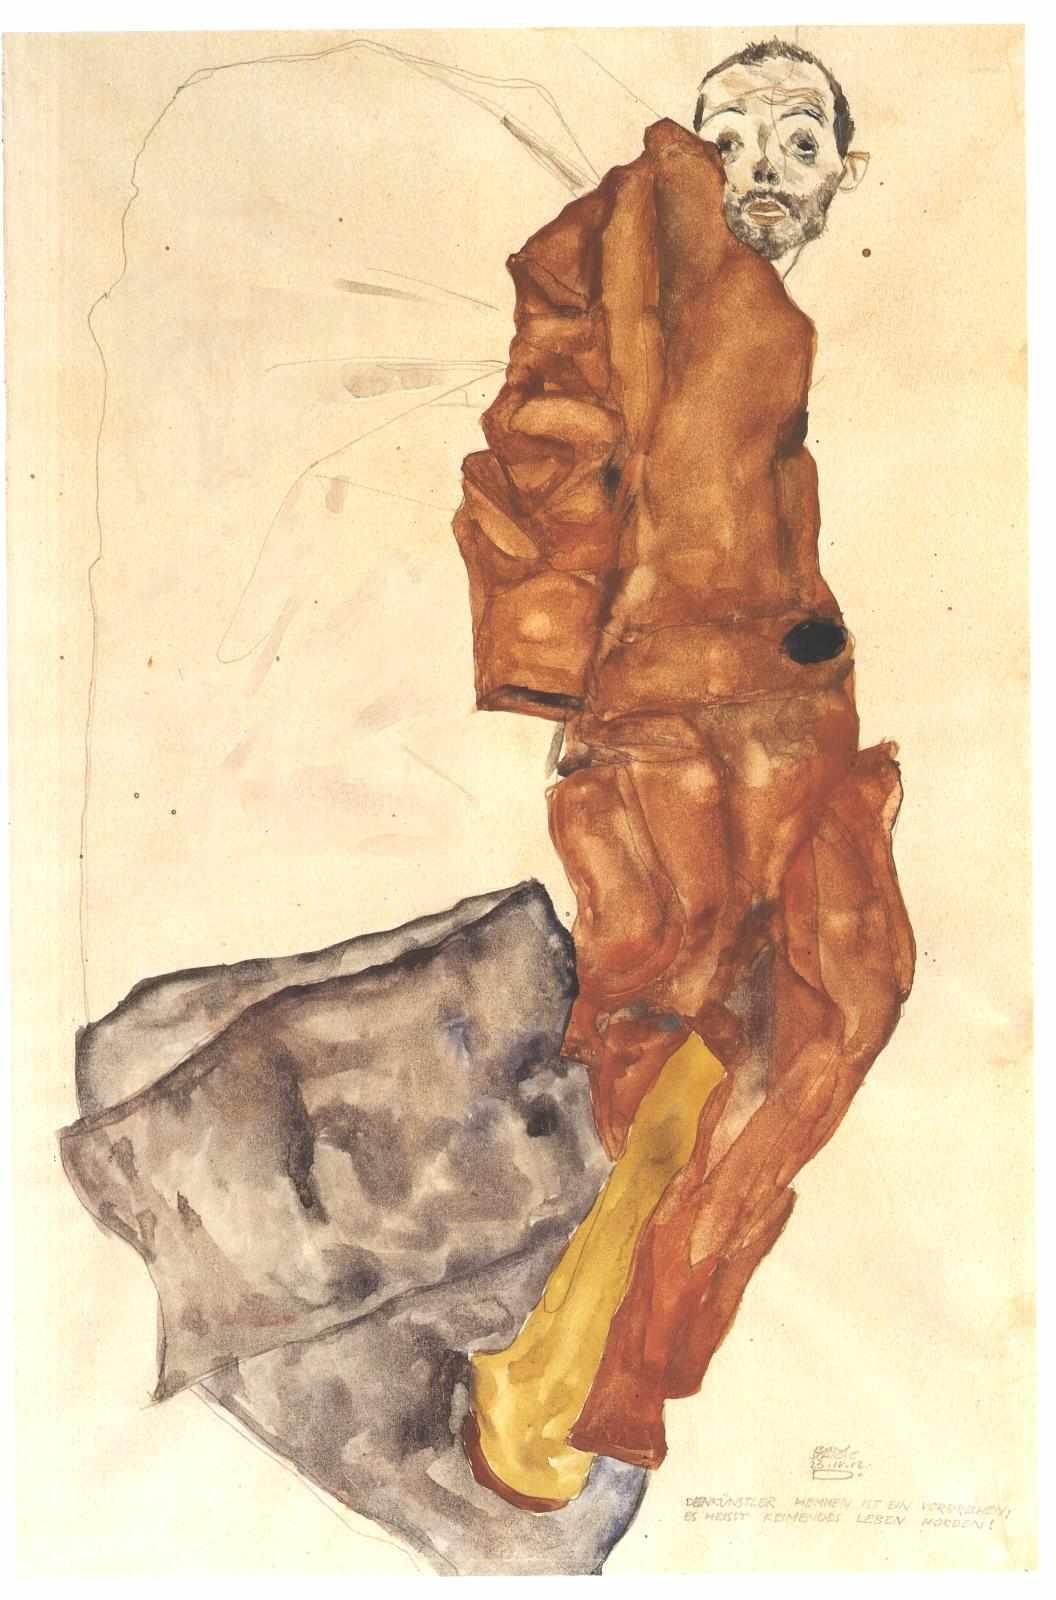 Schiele: